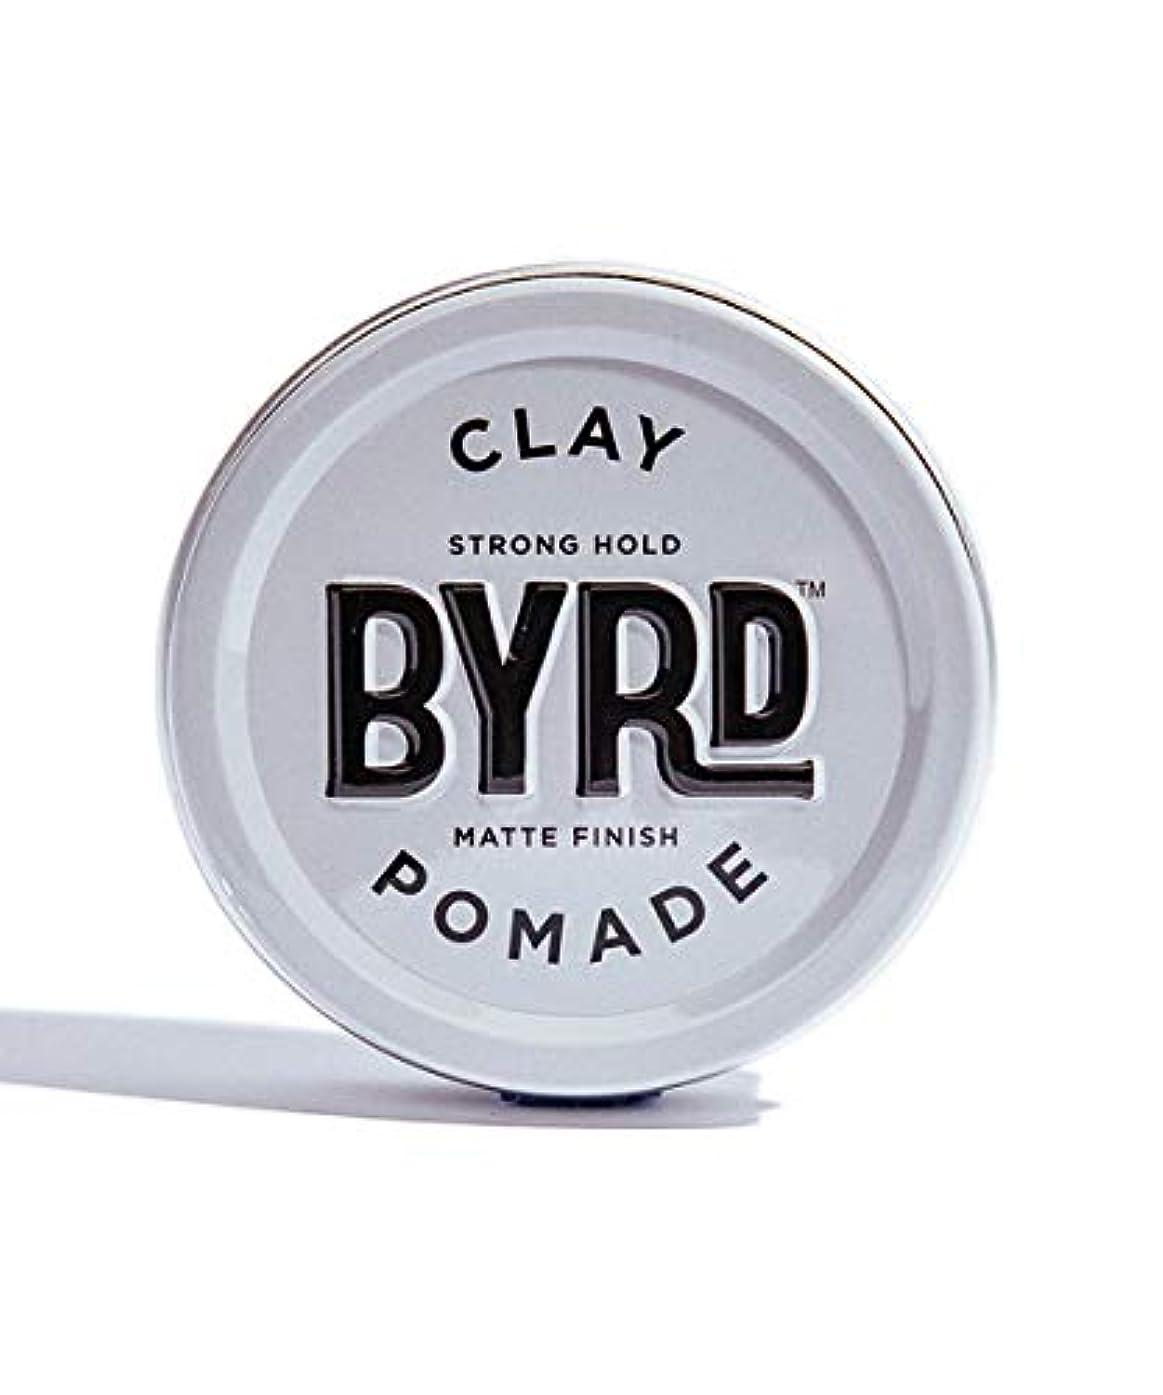 アクティブ逸話周りBYRD/クレイポマード 95g メンズコスメ ワックス ヘアスタイリング かっこいい モテ髪